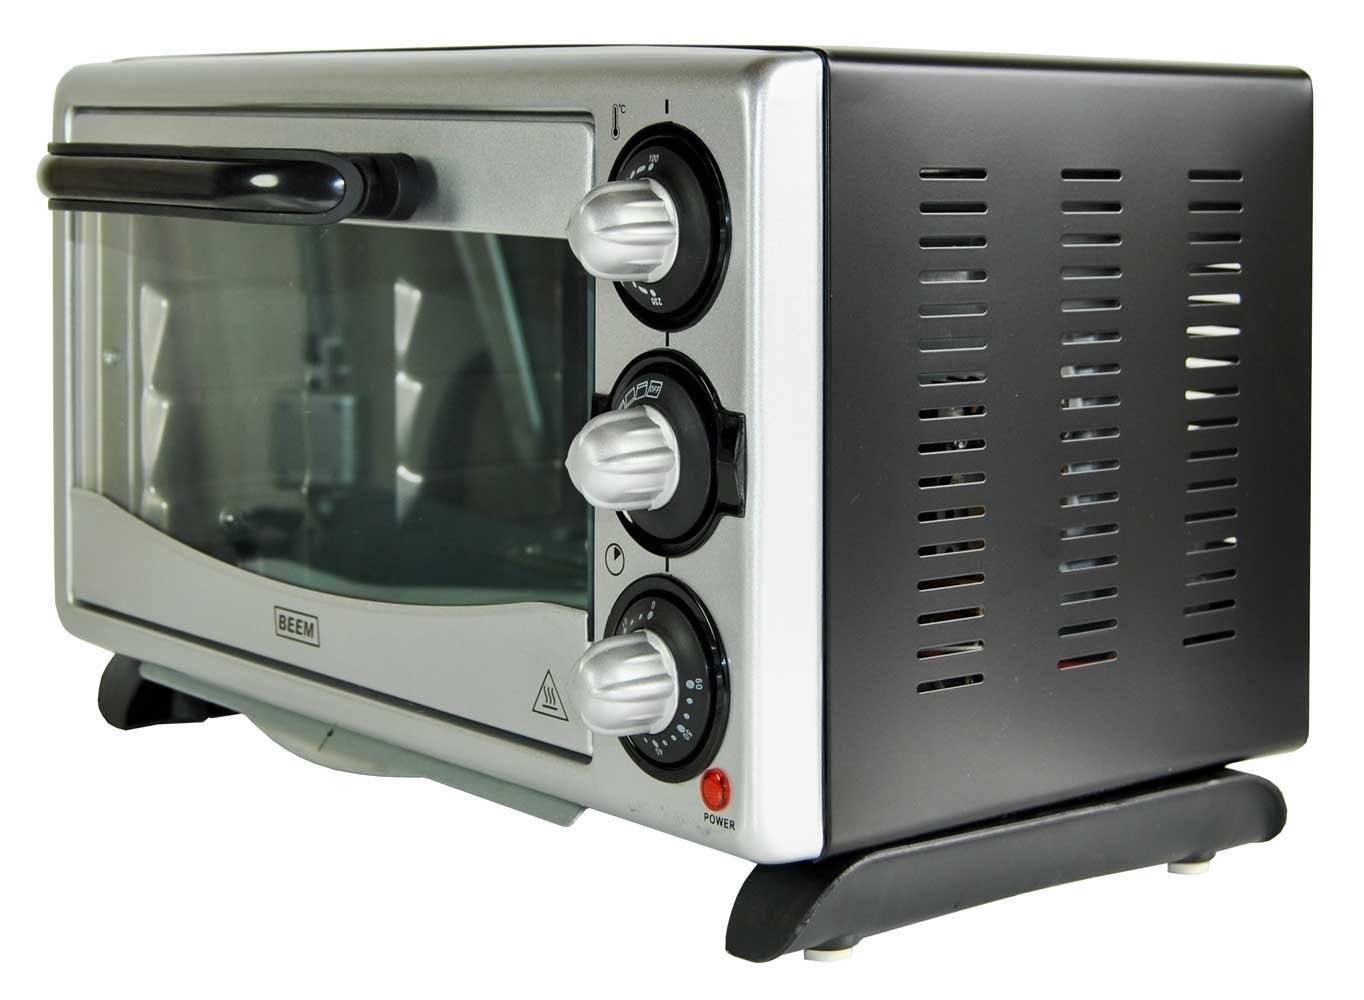 BEEM 18L Miniofen UMLUFT 1380W Pizzaofen 3